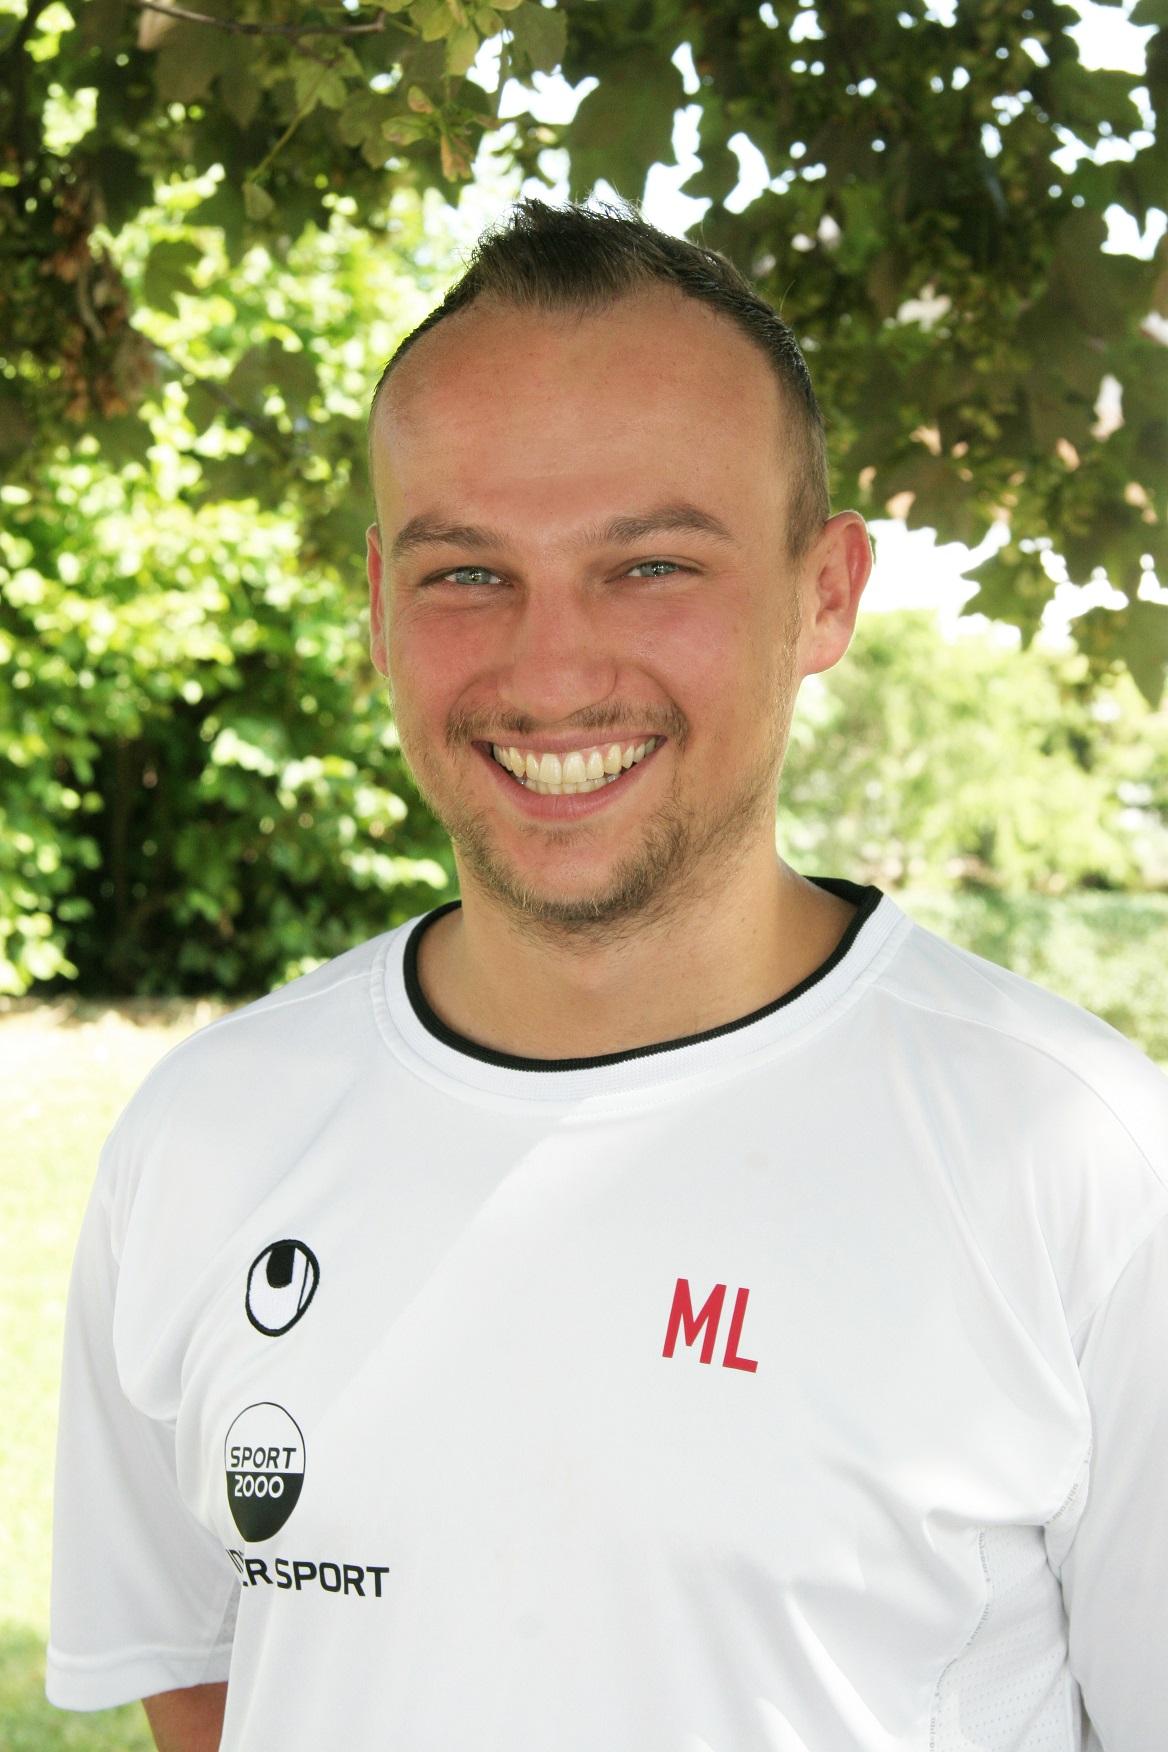 Martin Laakmann